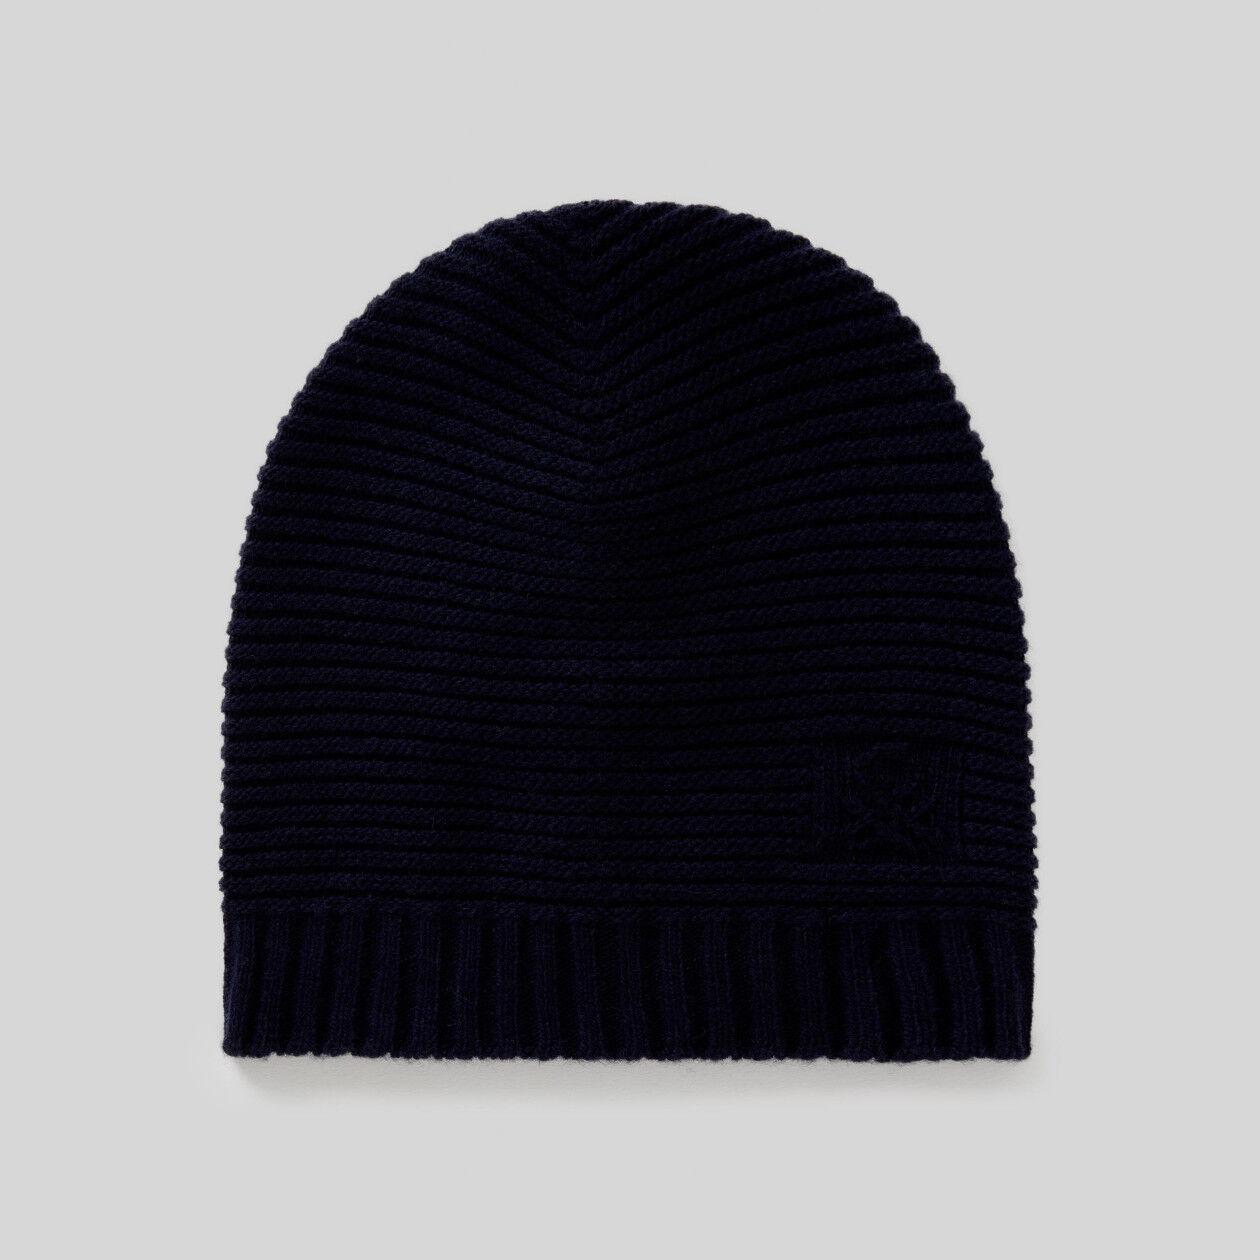 Wool blend hat